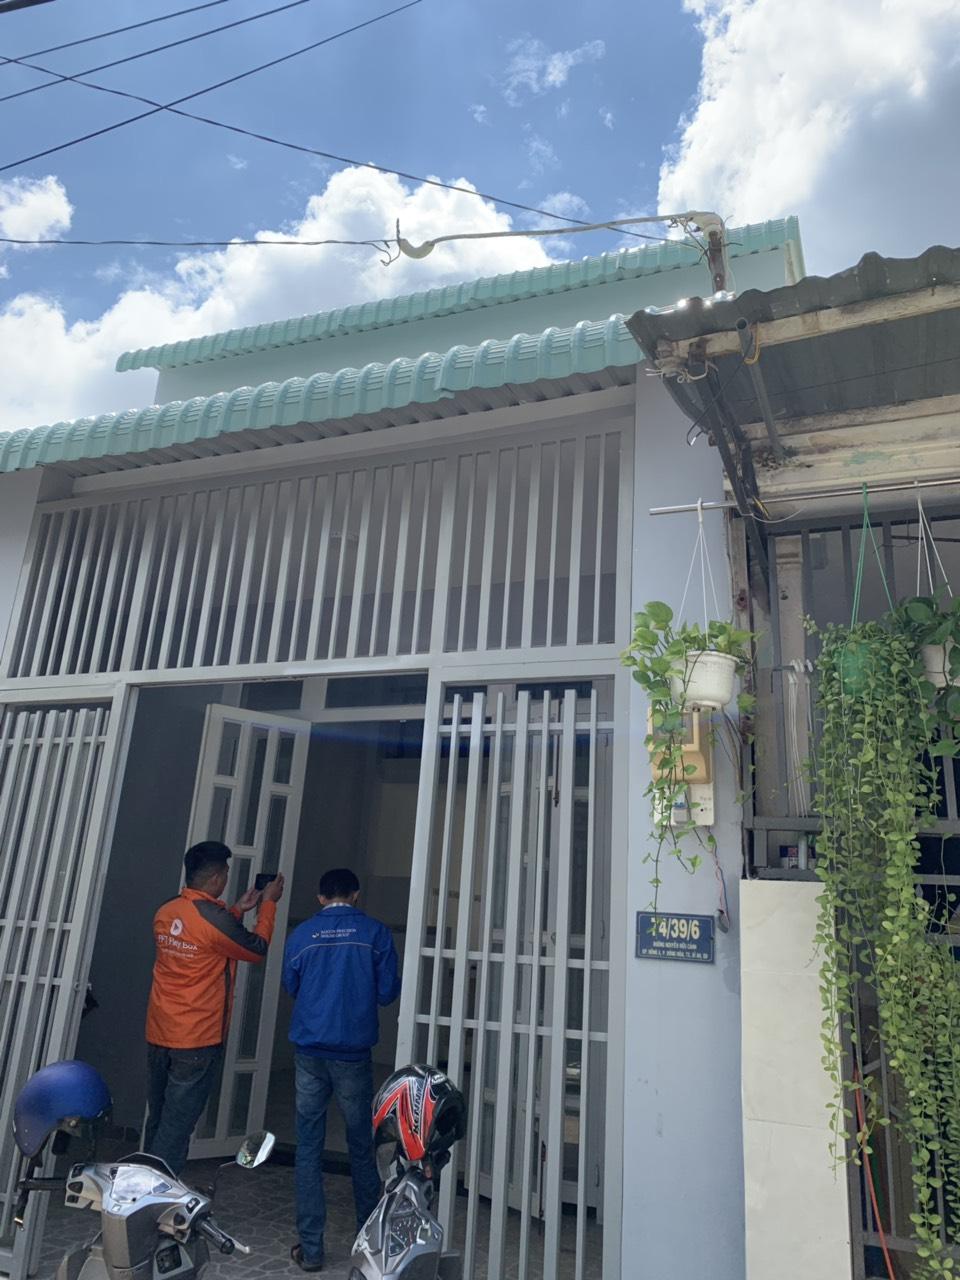 Bán nhà Dĩ An cấp 4 gác đúc sổ hồng riêng gần BigC Dĩ An , phường Đông Hòa , Dĩ An